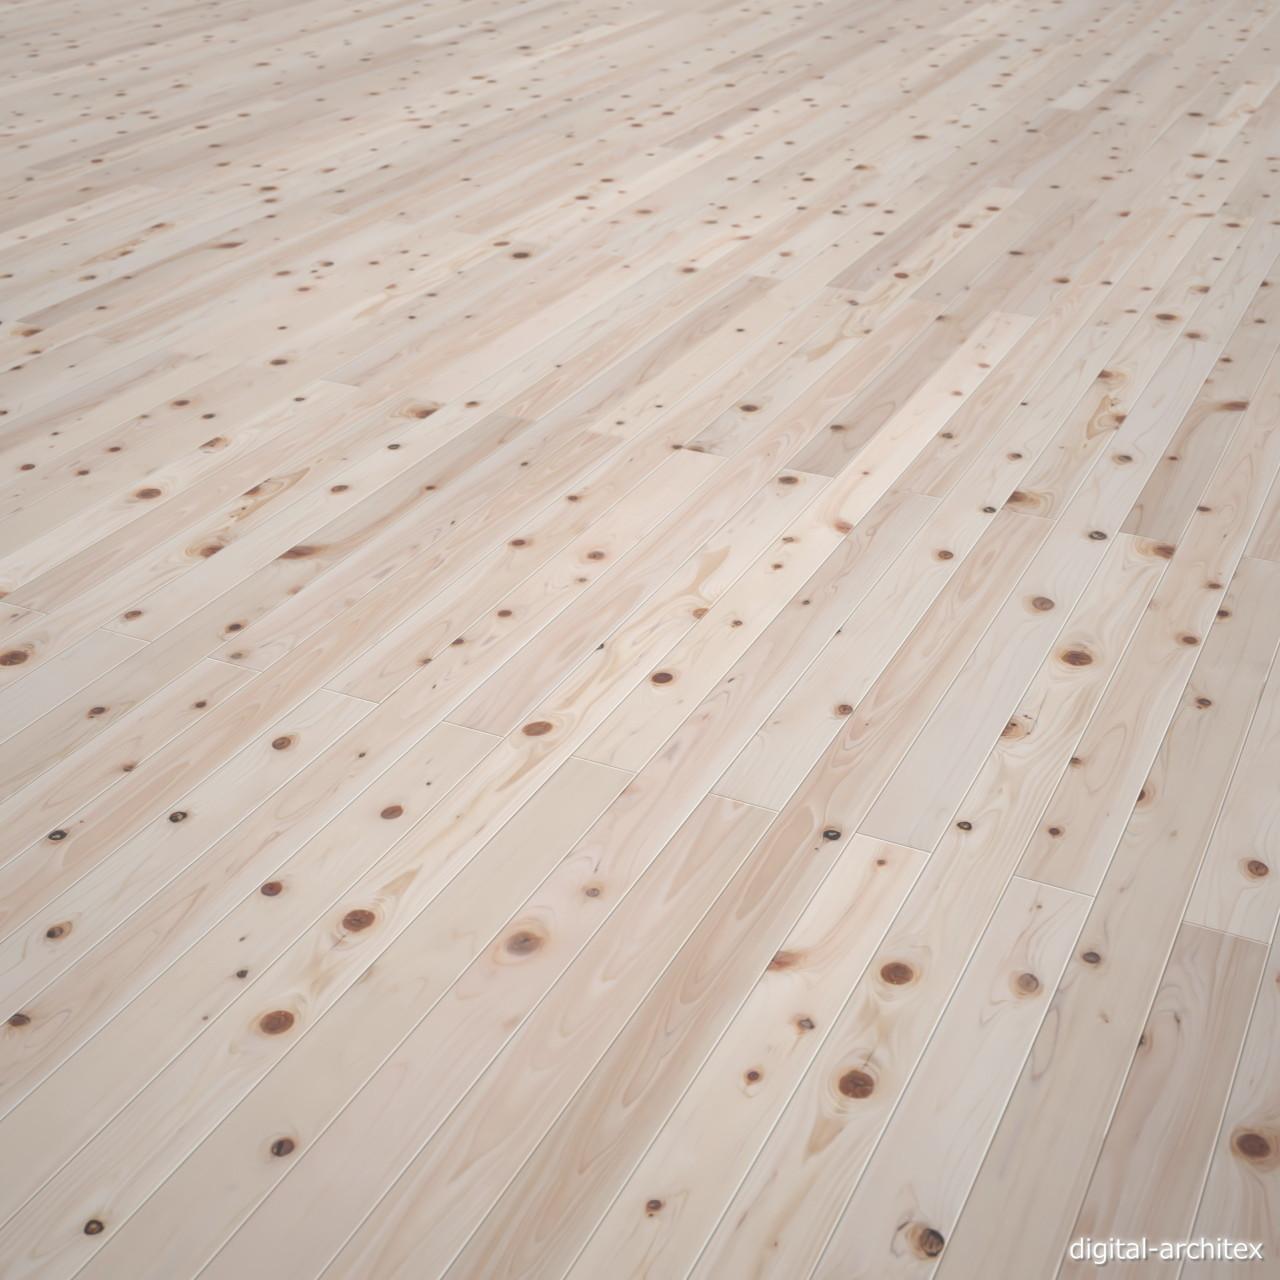 2D,テクスチャー,texture,JPEG,木質,floor,wooden flooring,wood,茶色,brown,桧のりゃんこ張りのフローリング,ずらし貼り,木目,節,ひのき,檜,ヒノキ